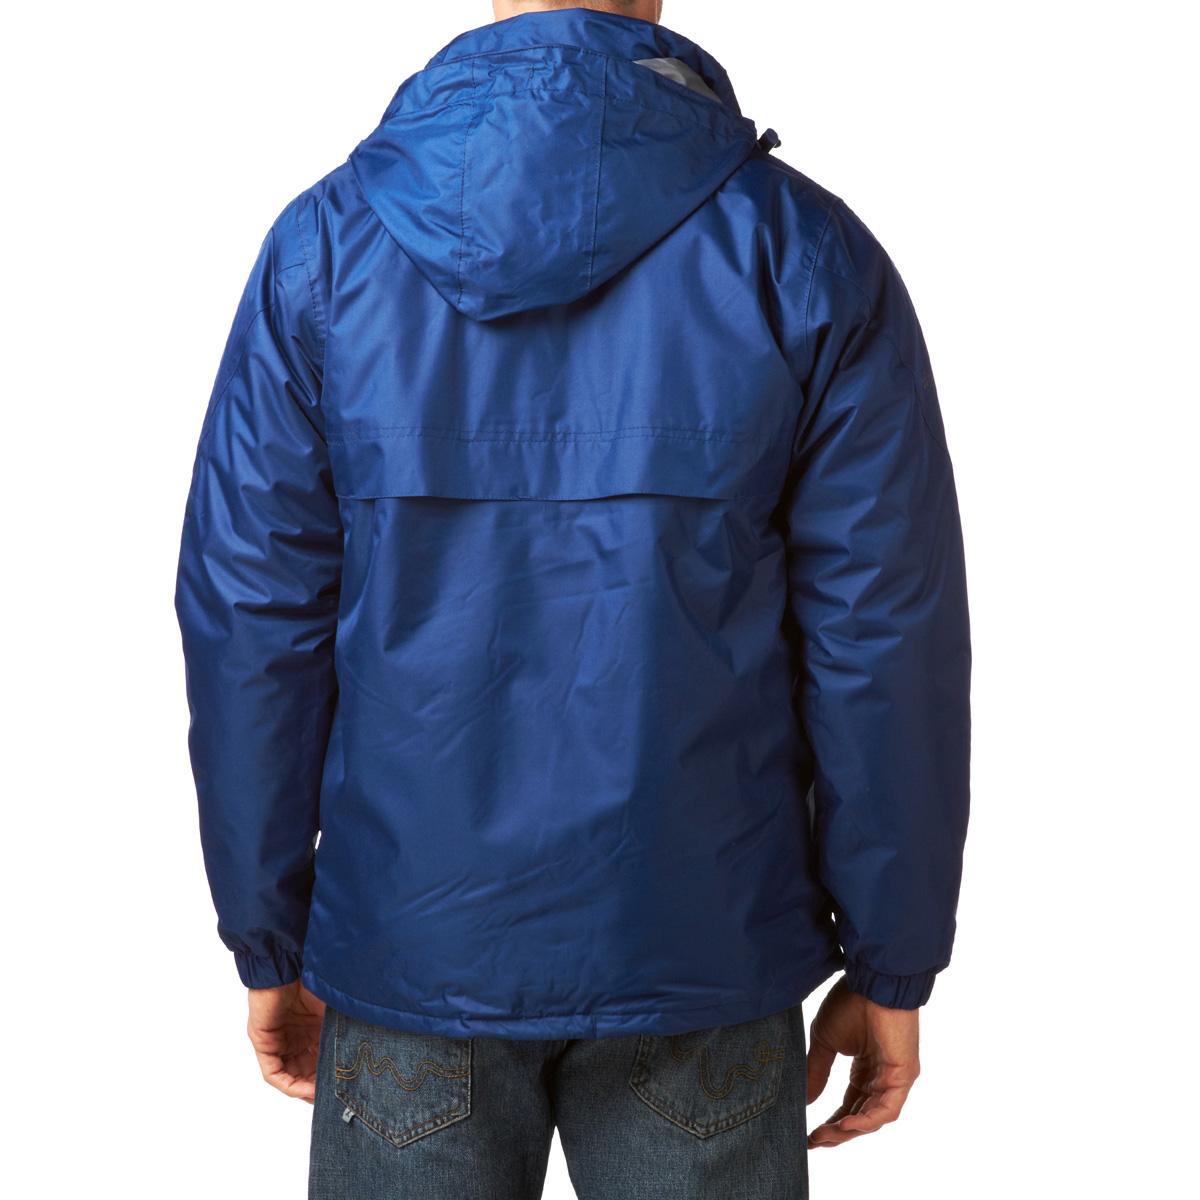 Micki Mens Waterproof Hooded Jacket in Twilight